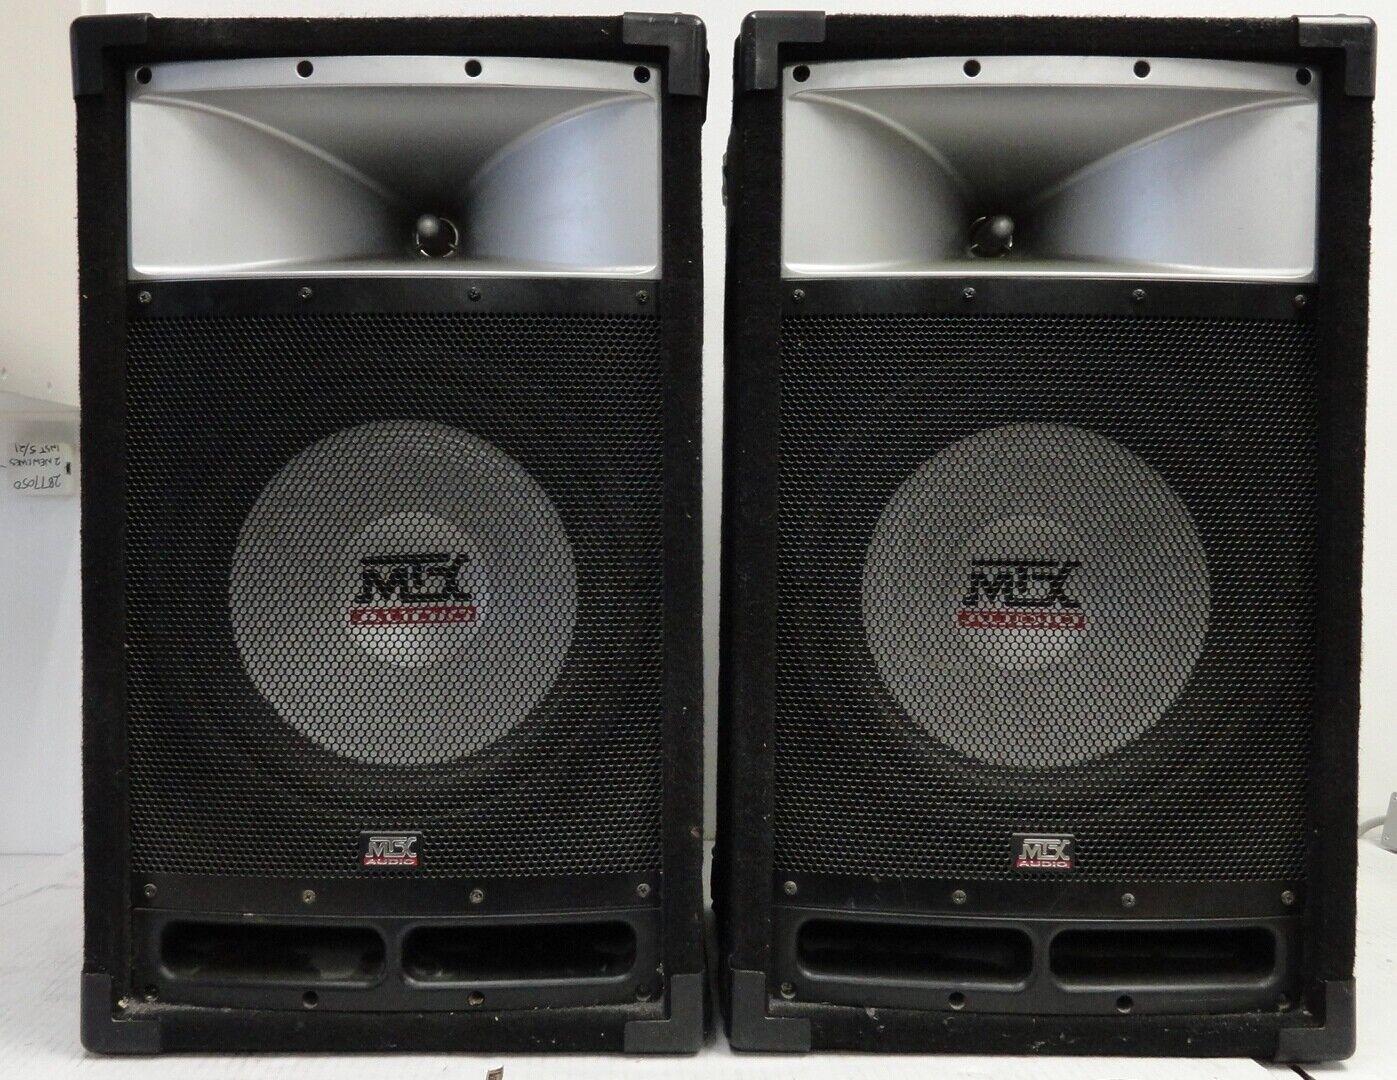 MTX TP112 Professional DJ Speaker Pair 12  300W 8 Ohm (2 Speakers) (4B5.31.JK)